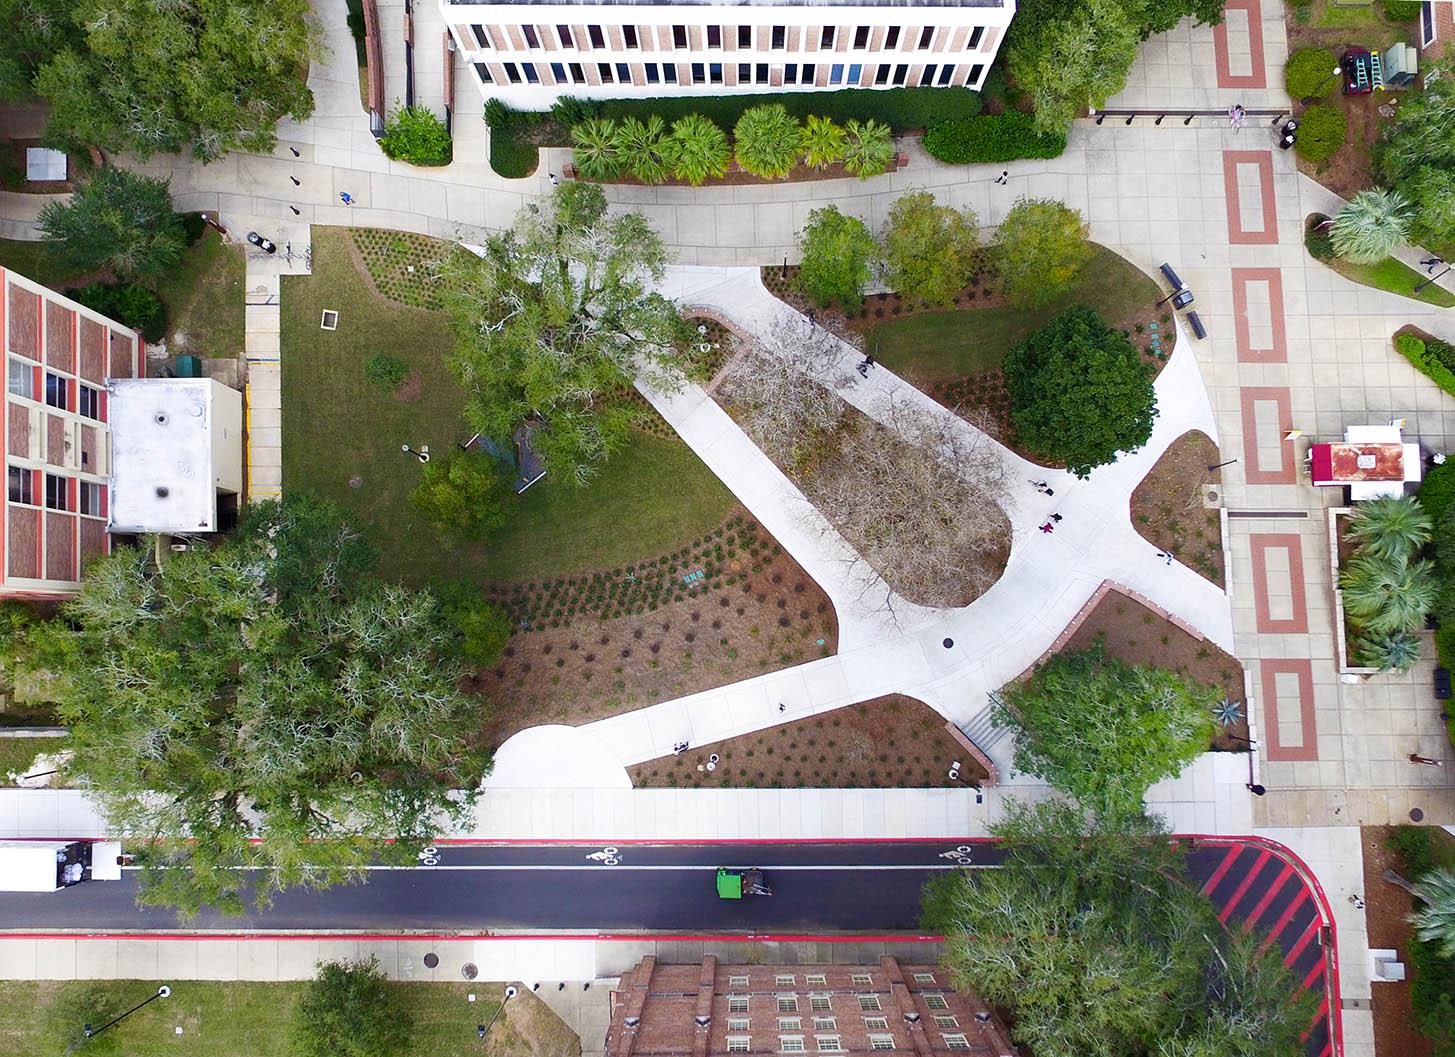 Thagard Plaza